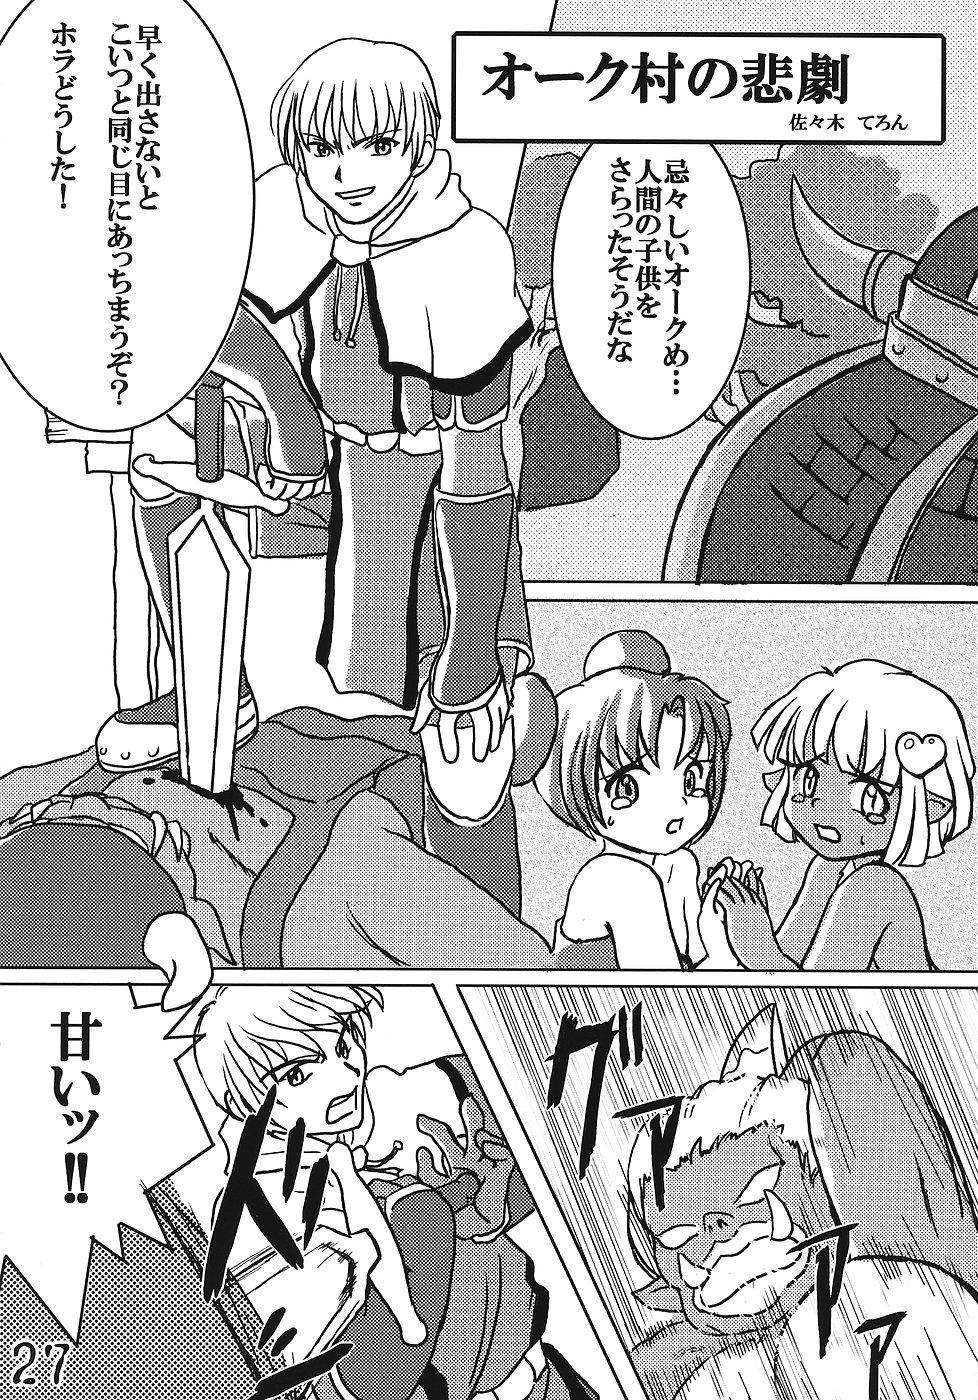 Tsurupeta Kenkyuusho Houkokusho 25